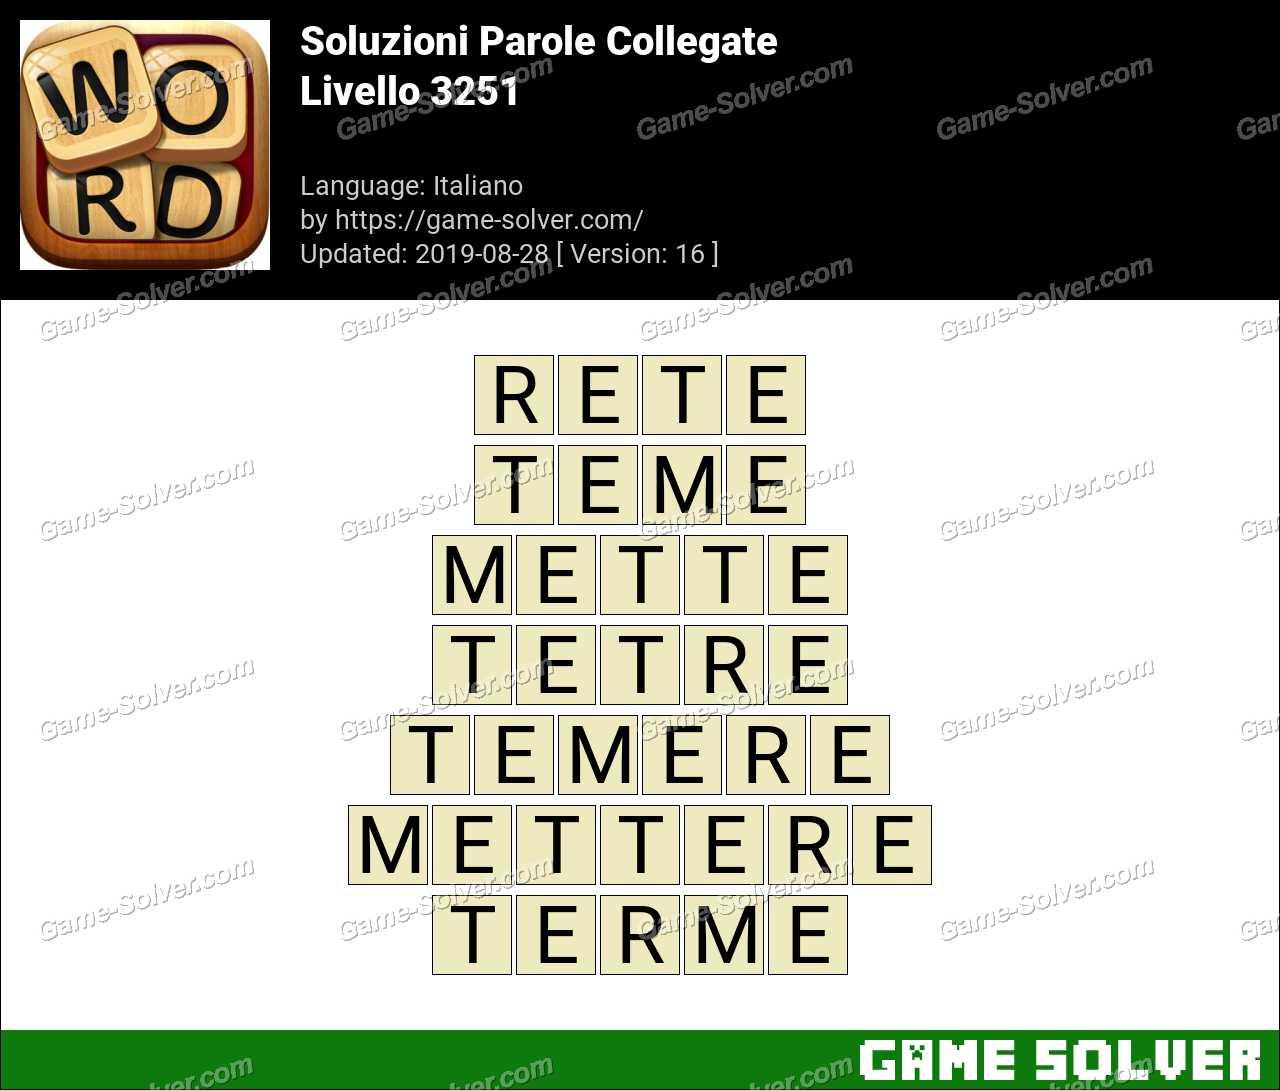 Soluzioni Parole Collegate Livello 3251